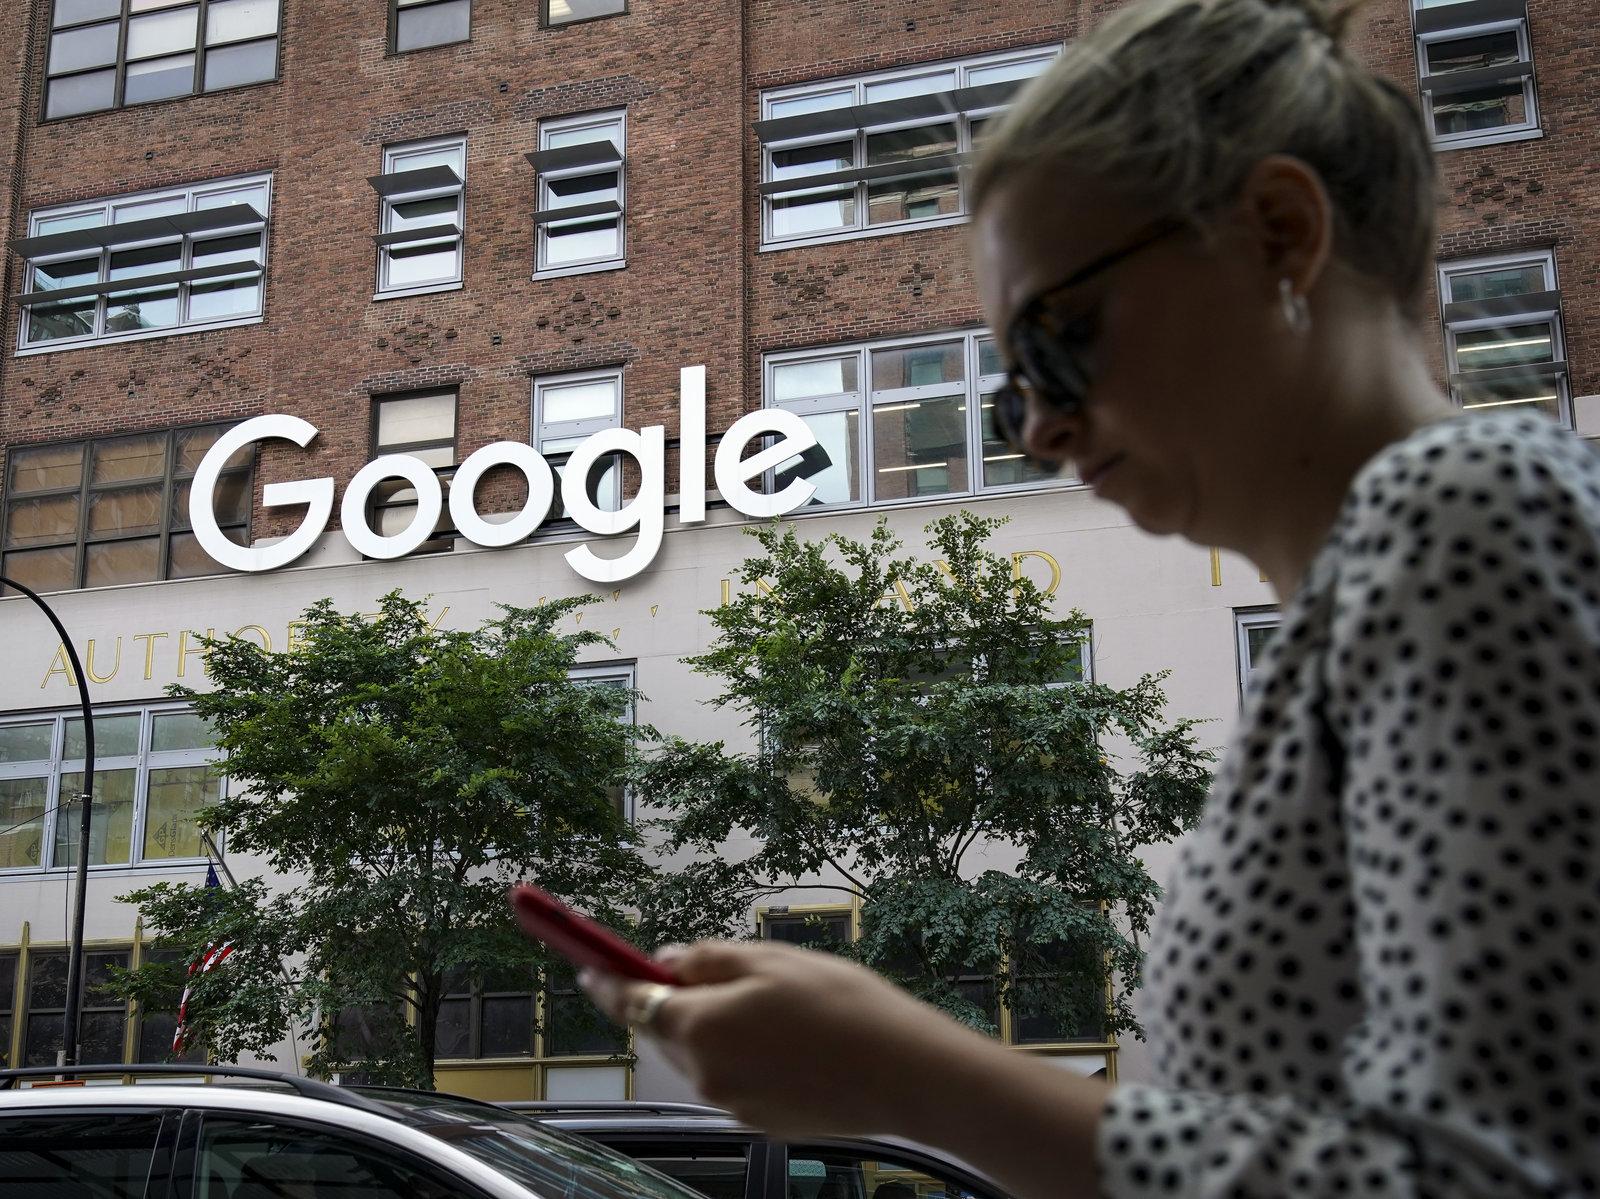 美司法部向谷歌发起反垄断诉讼